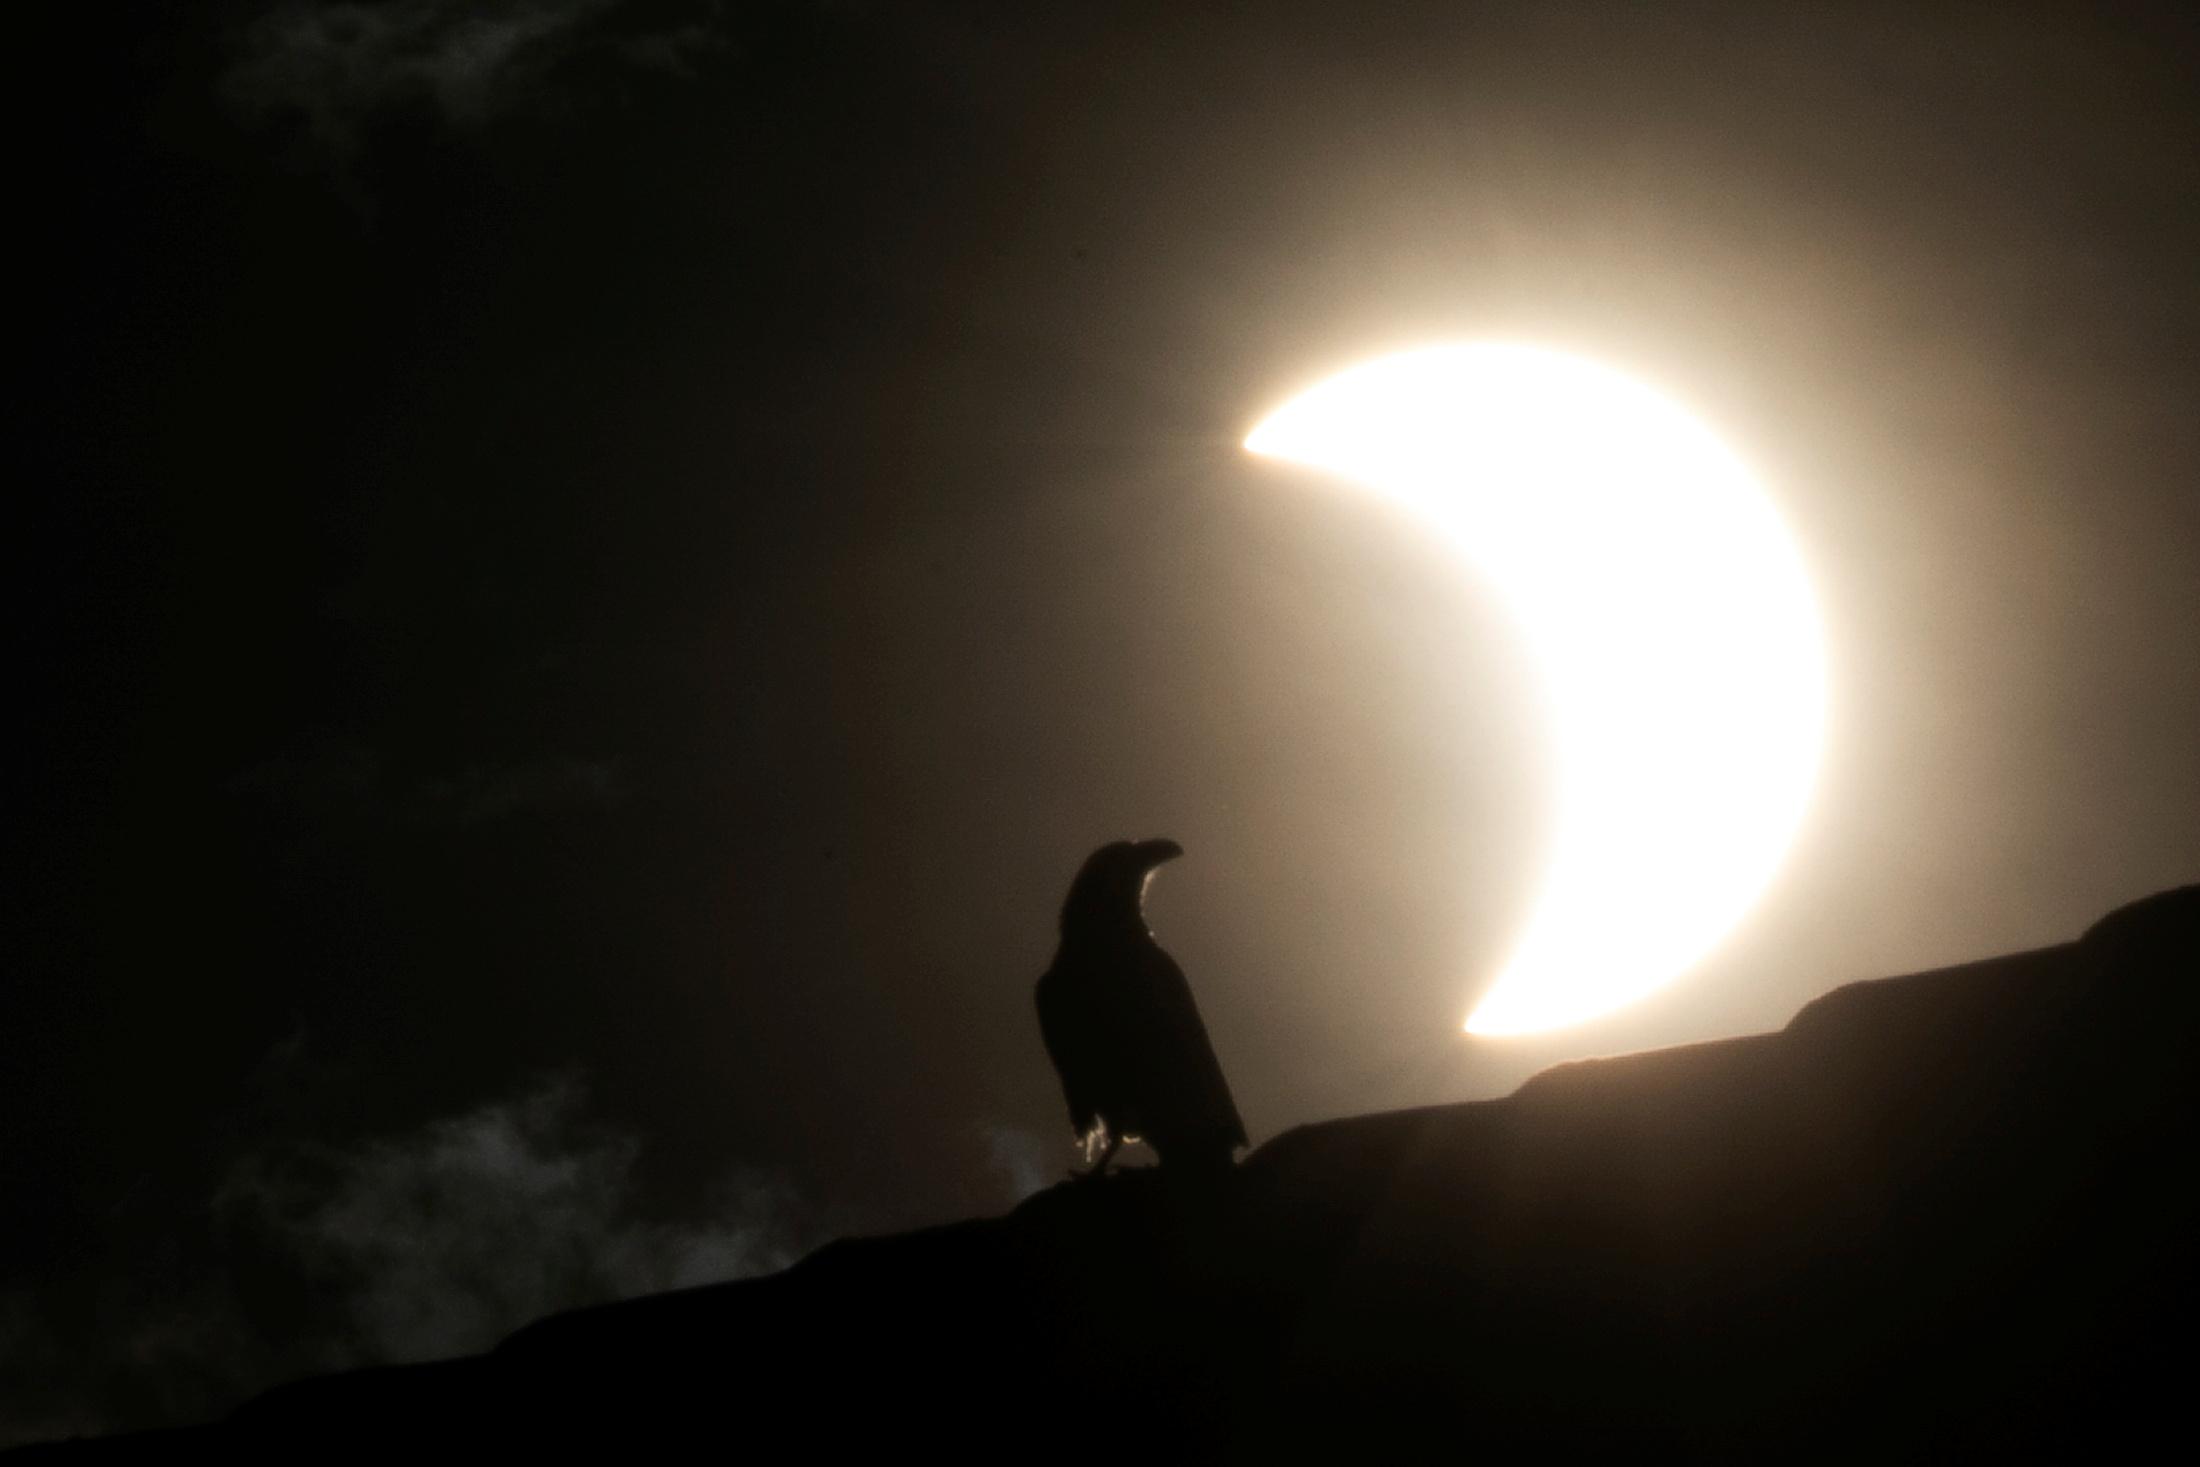 Un cuervo se ve y de fondo el eclipse